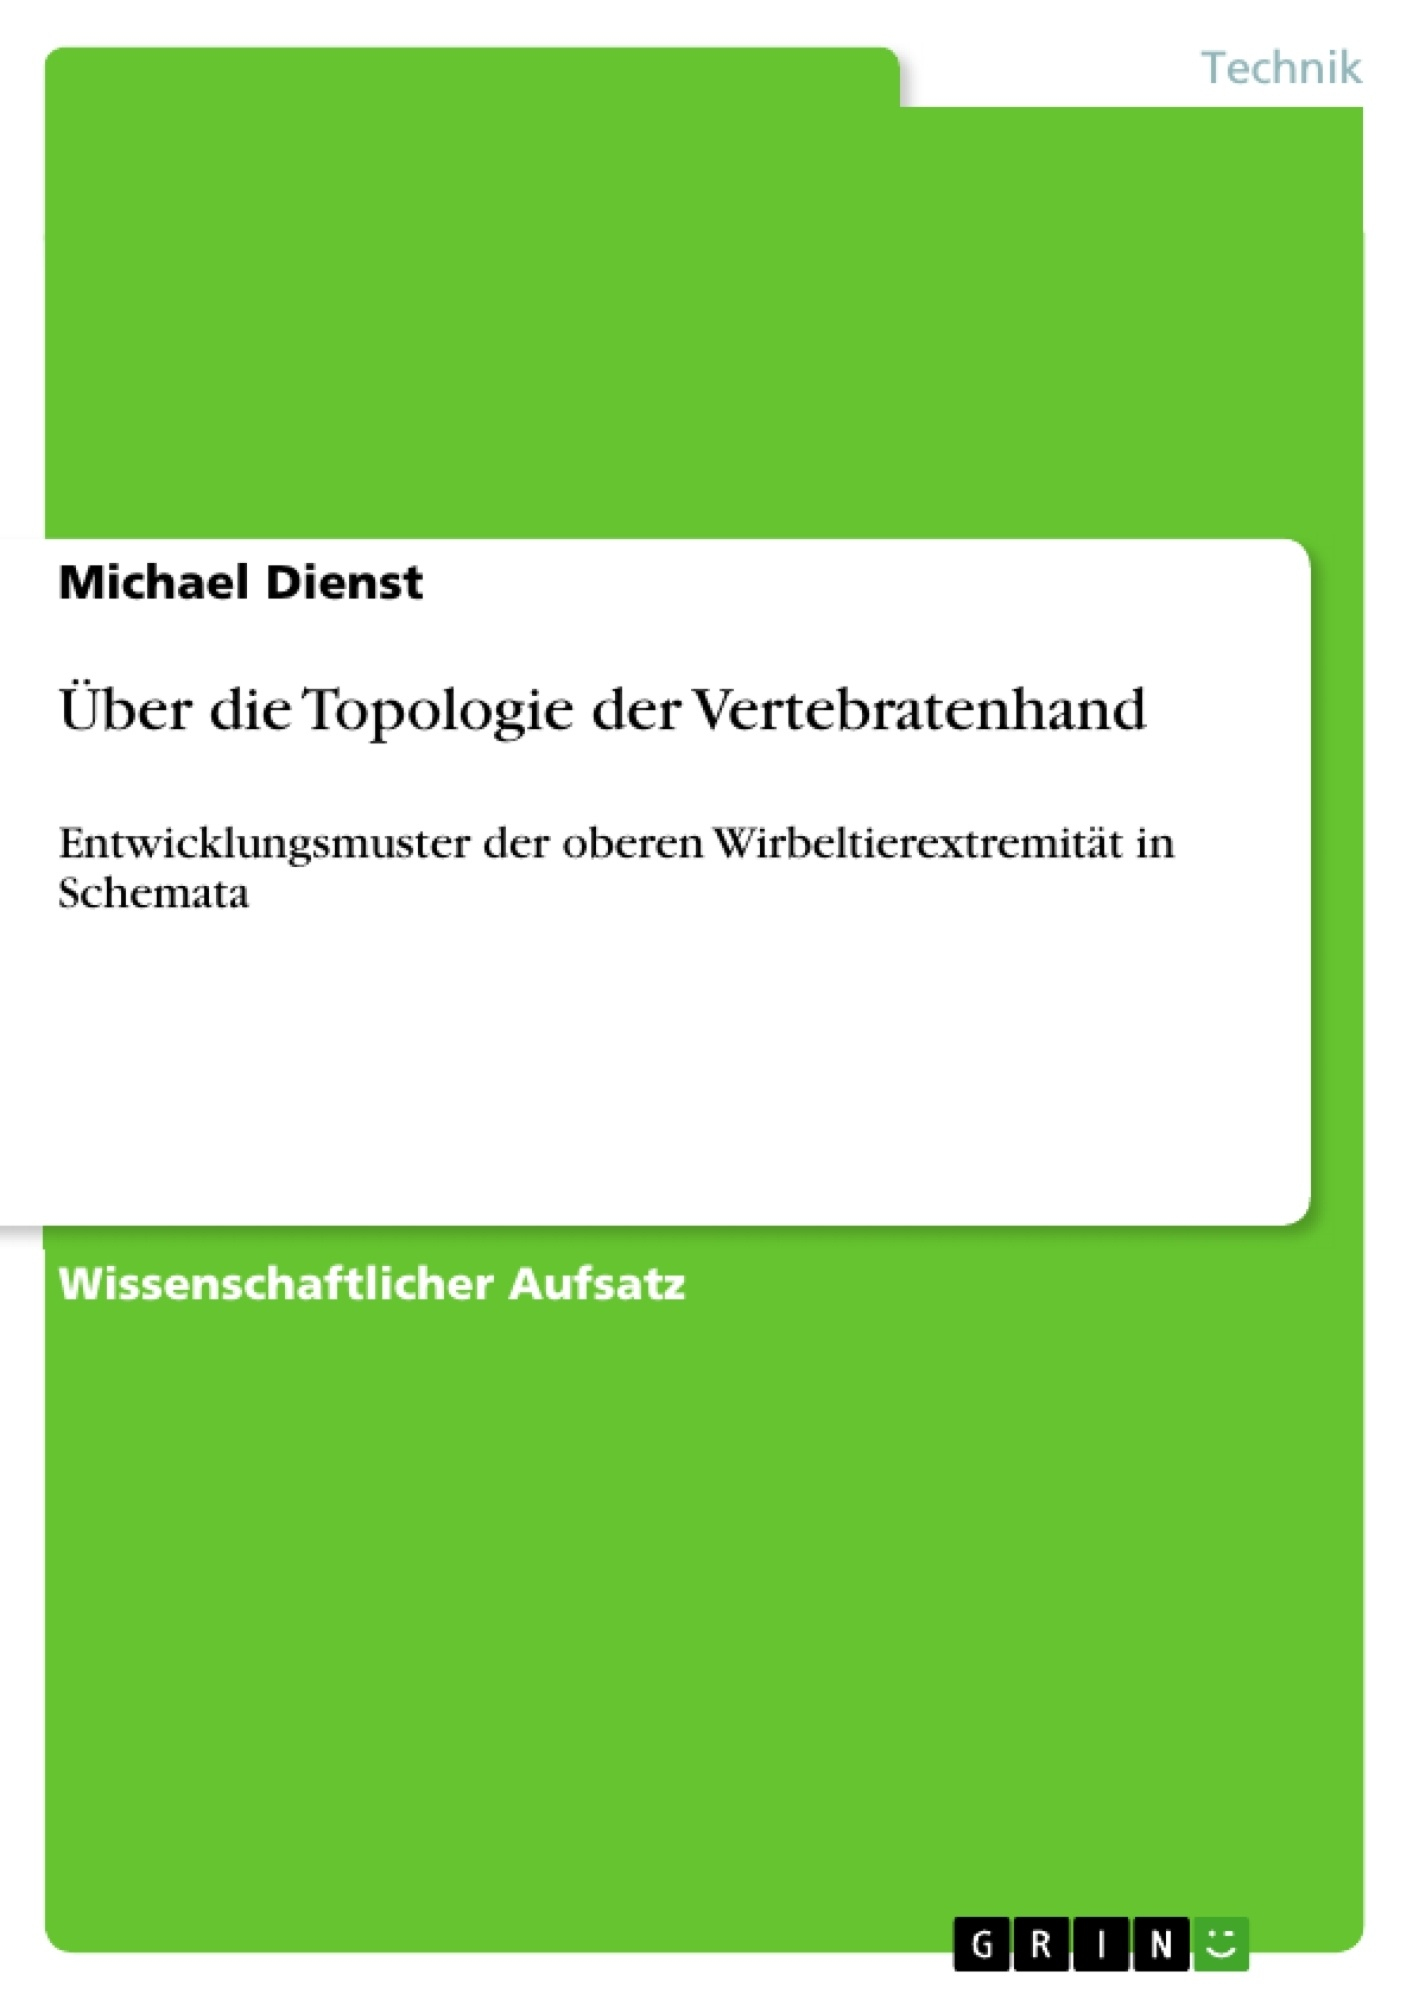 Titel: Über die Topologie der Vertebratenhand